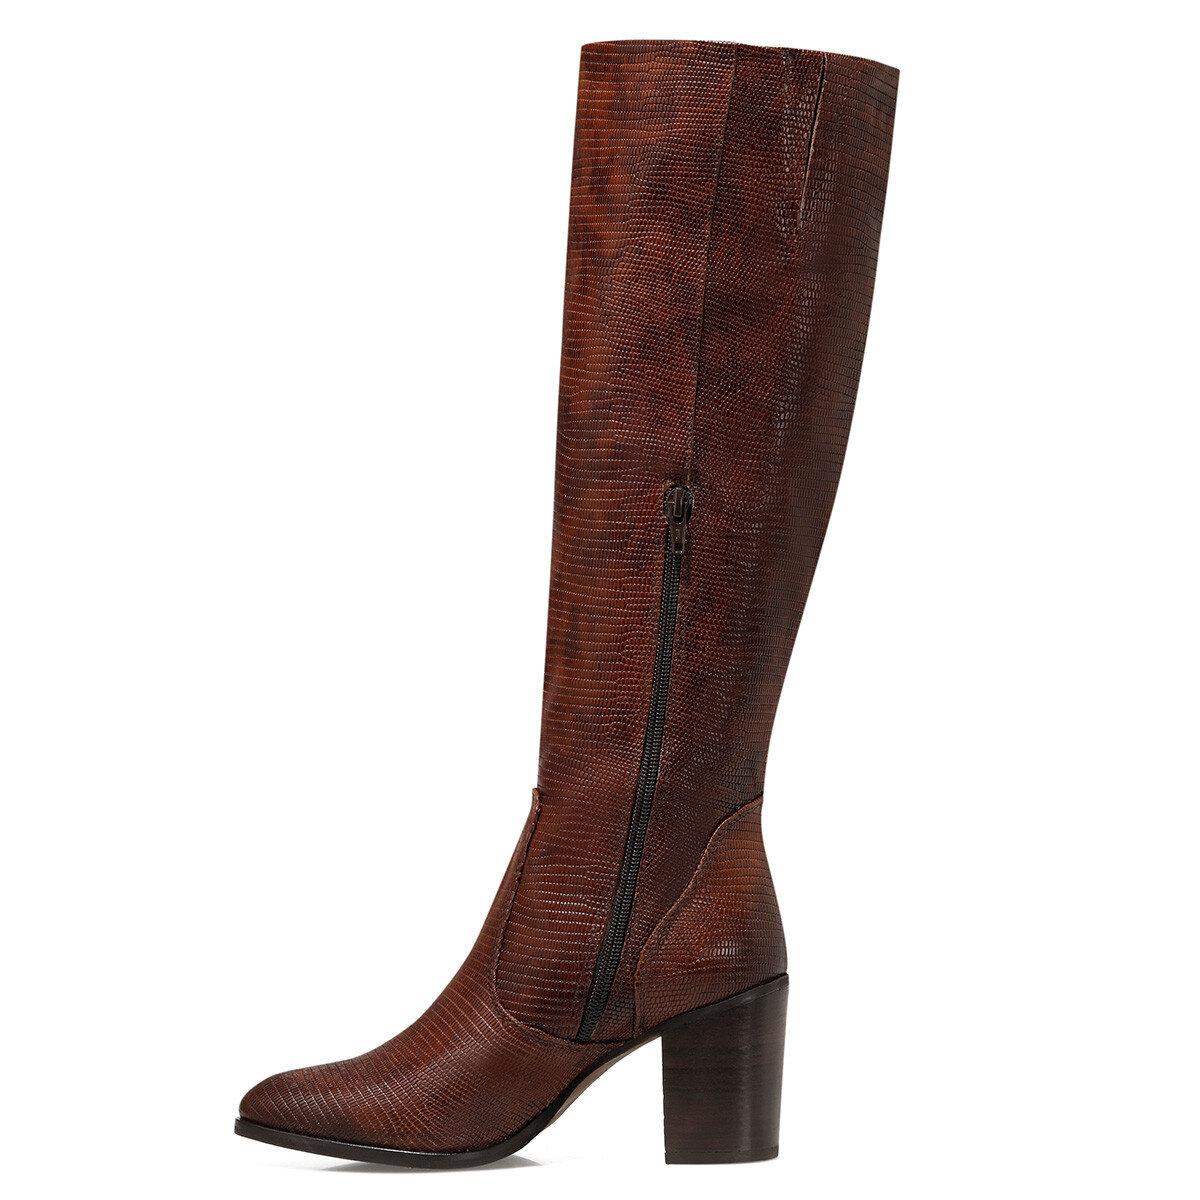 LULU Koyu Kahve Kadın Topuklu Çizme